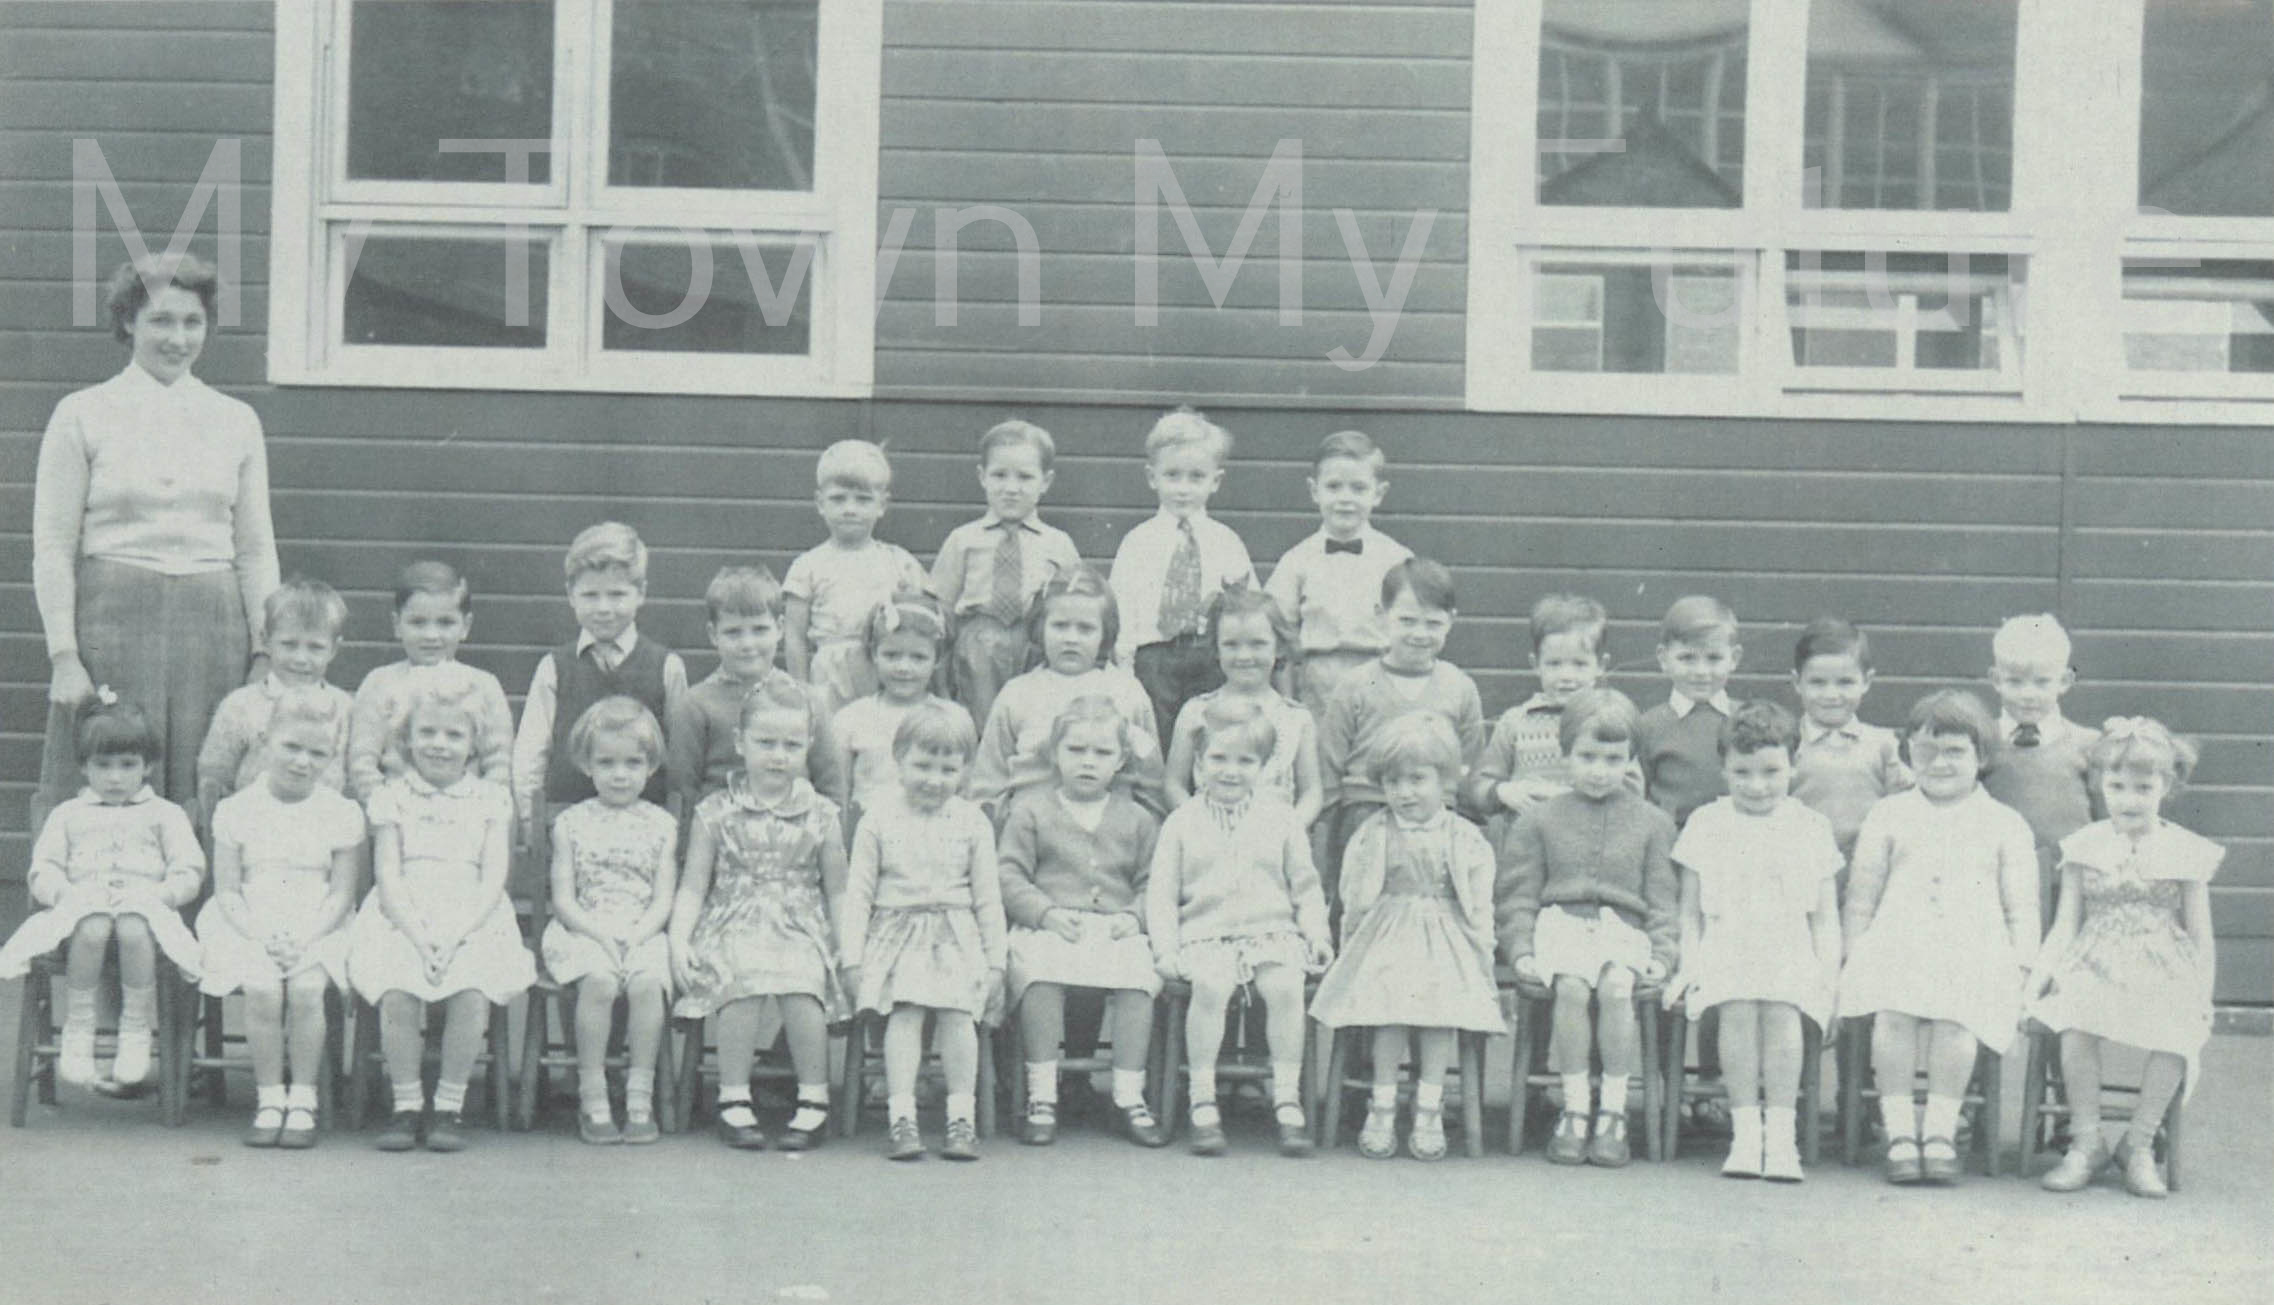 Marton Road School